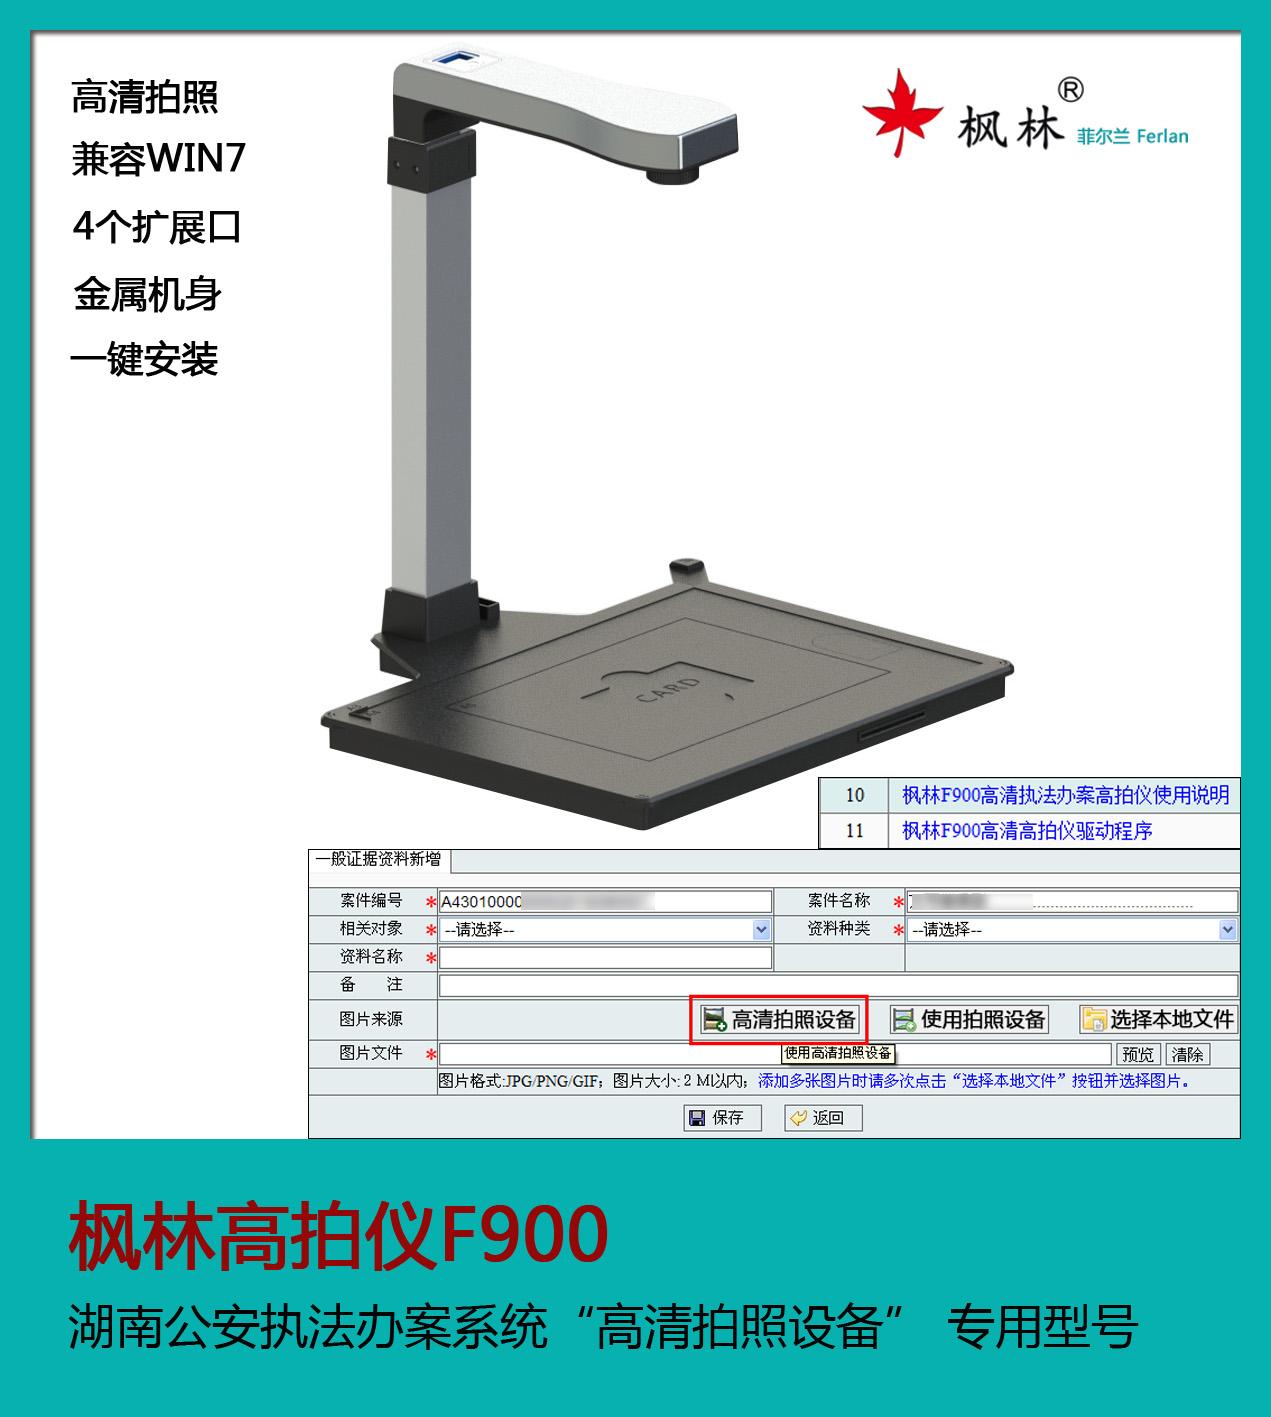 枫林高拍仪F900扫描仪湖南执法办系统高拍仪警综平台高拍仪专用型号